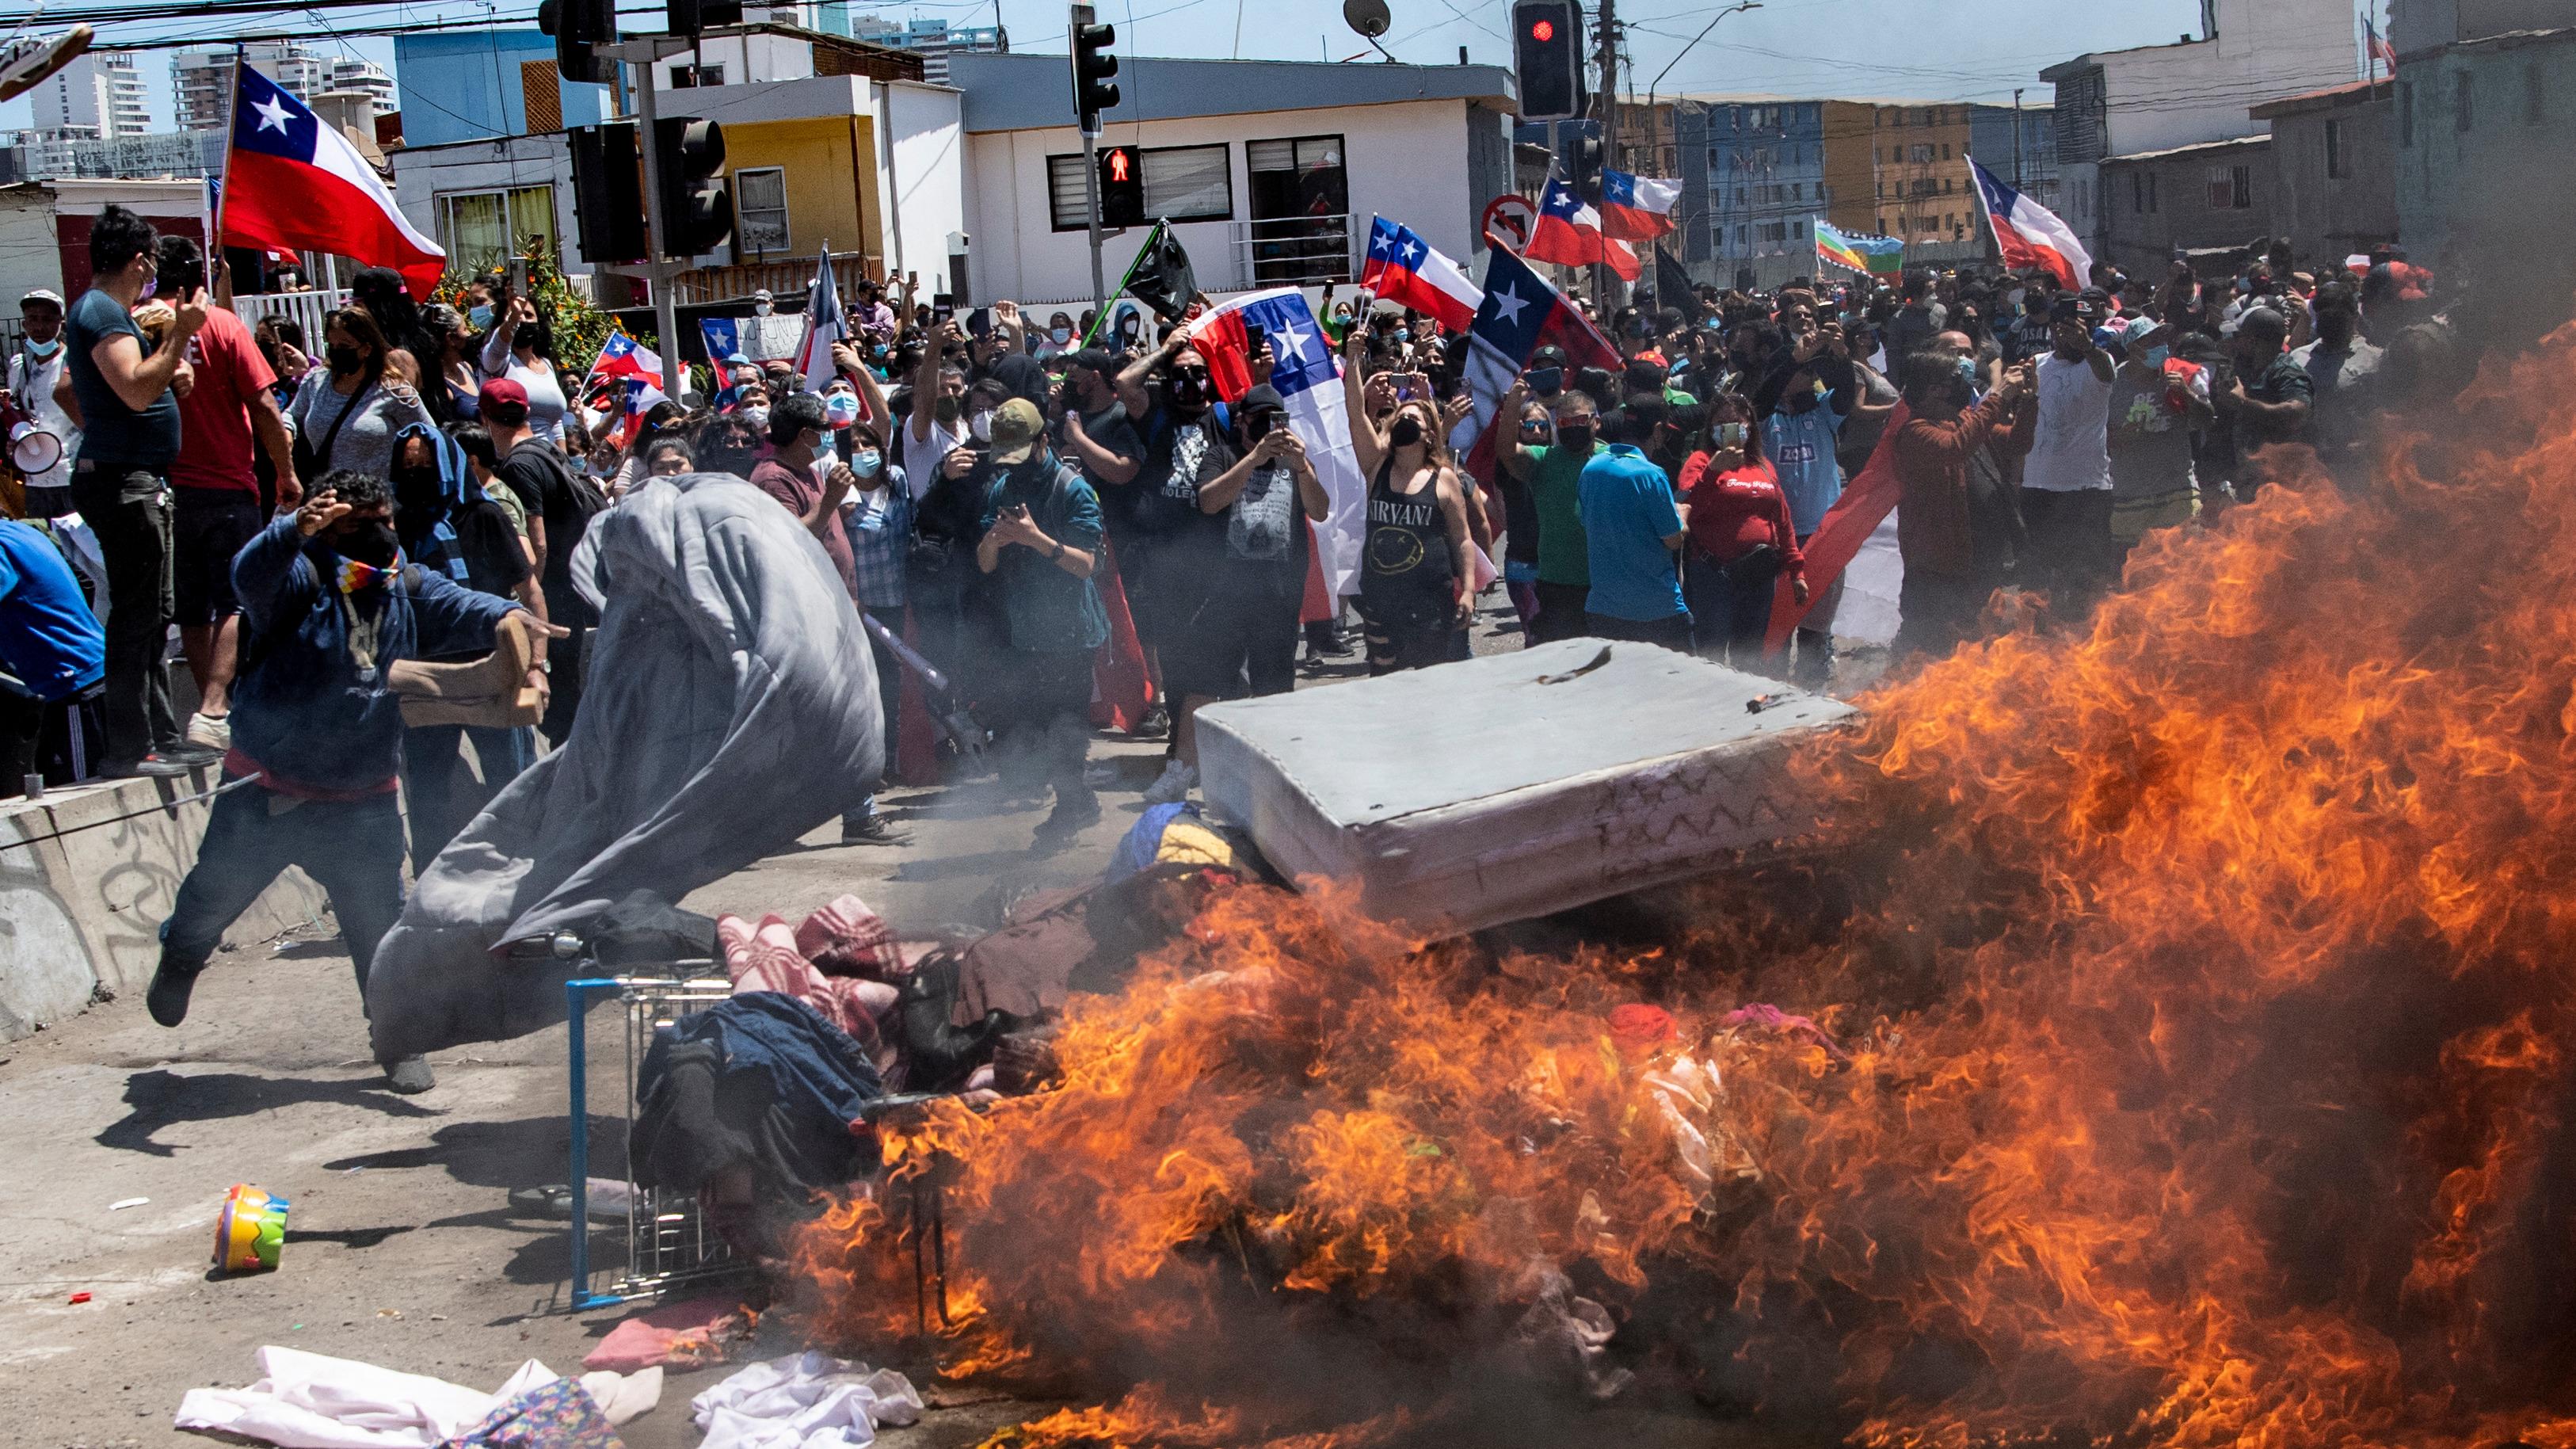 Participantes en marcha contra la migración irregular queman carpas de extranjeros